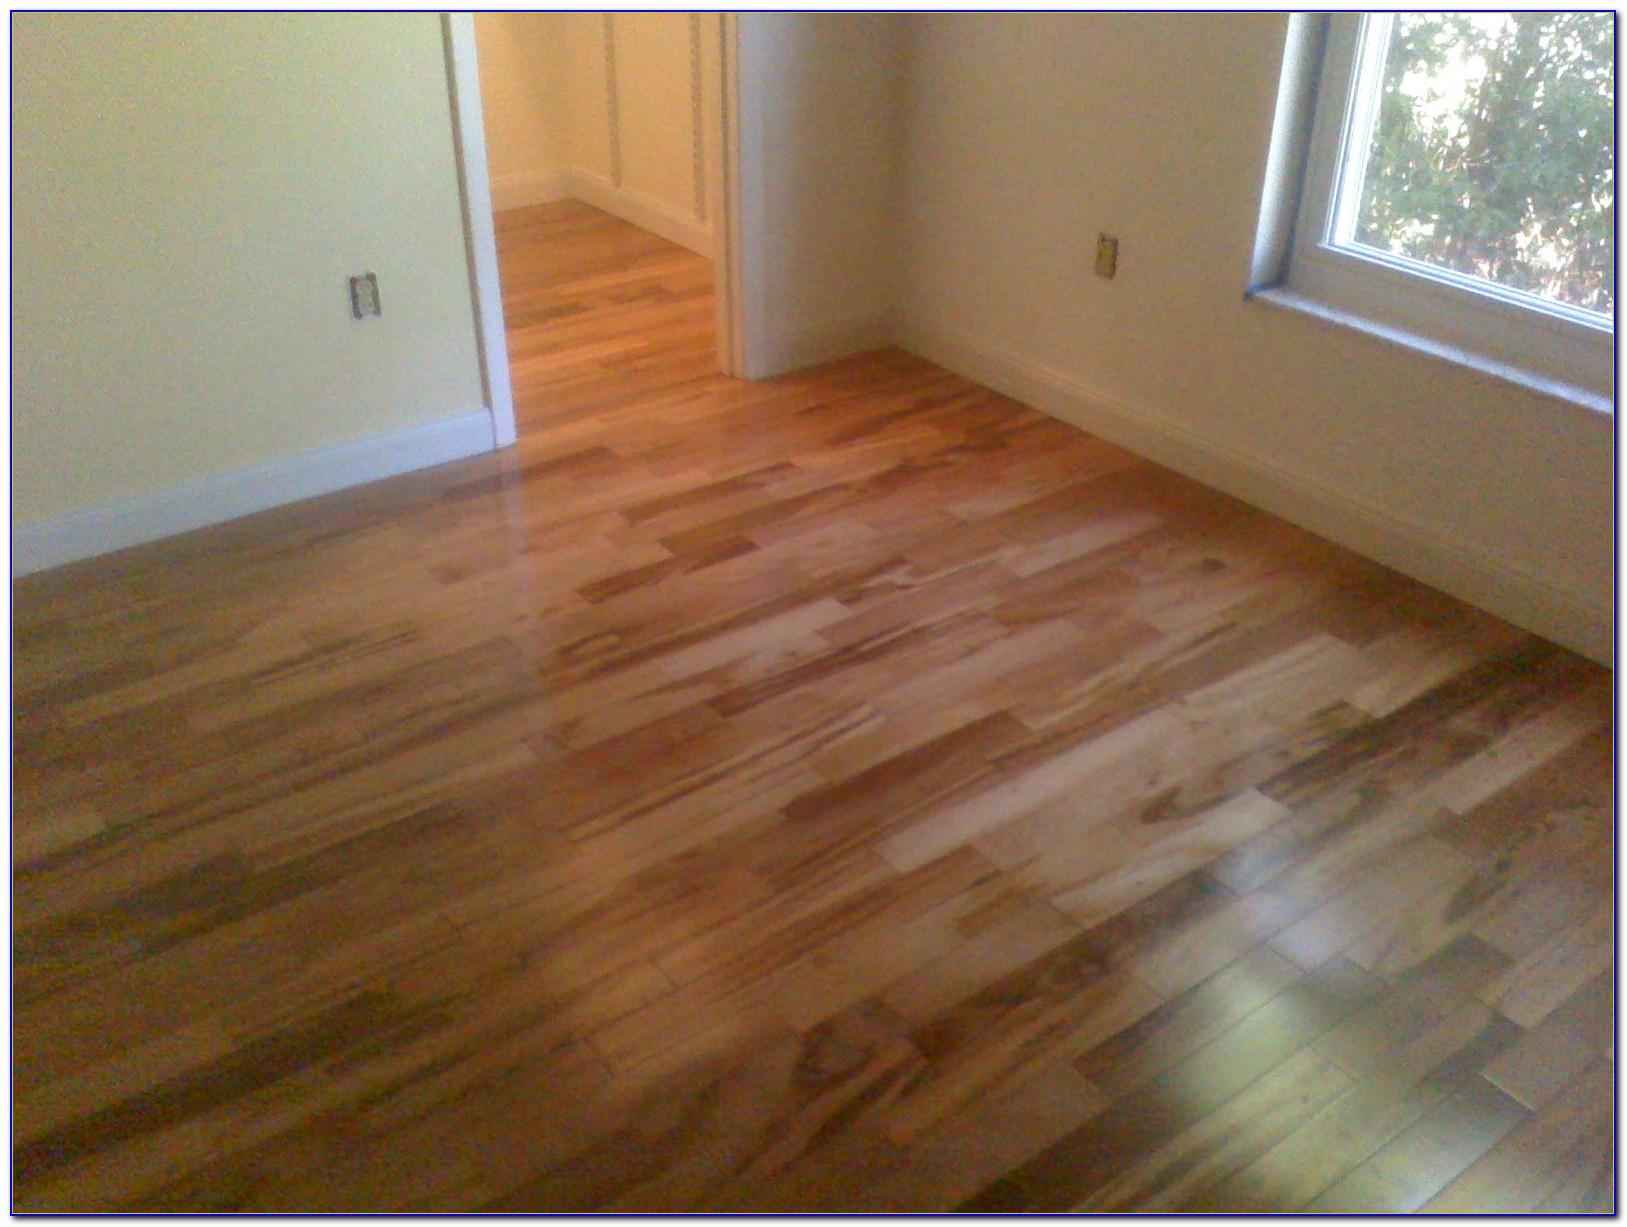 Installing Wood Laminate Flooring Youtube